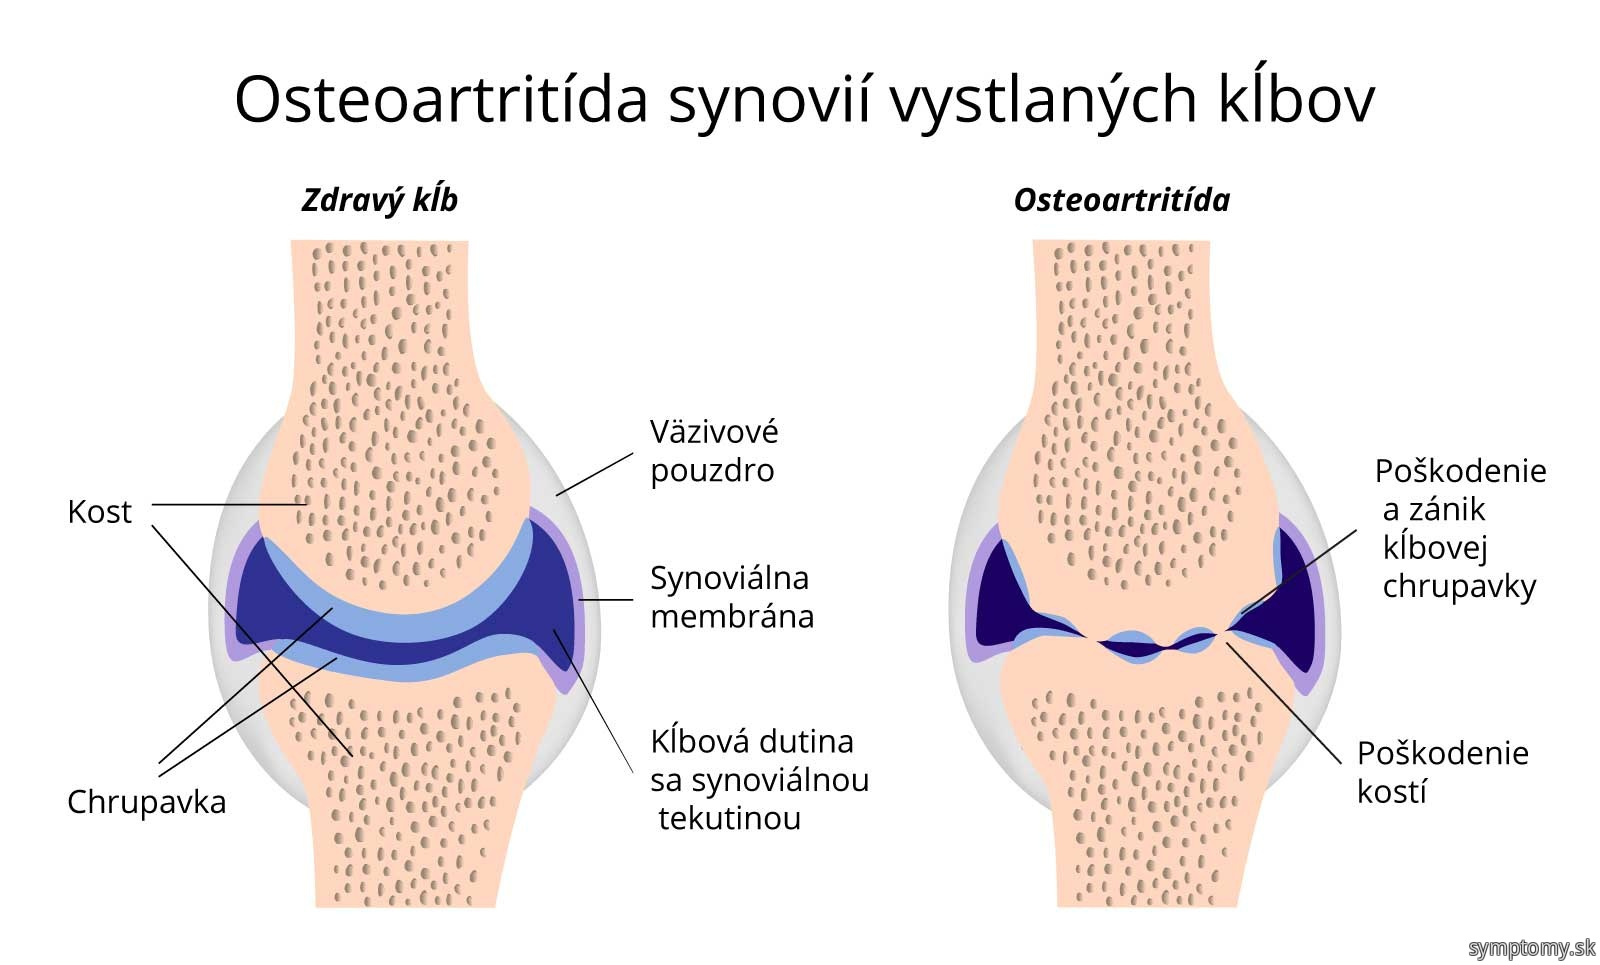 Osteoartritída synovií vystlaných klbov.jpg